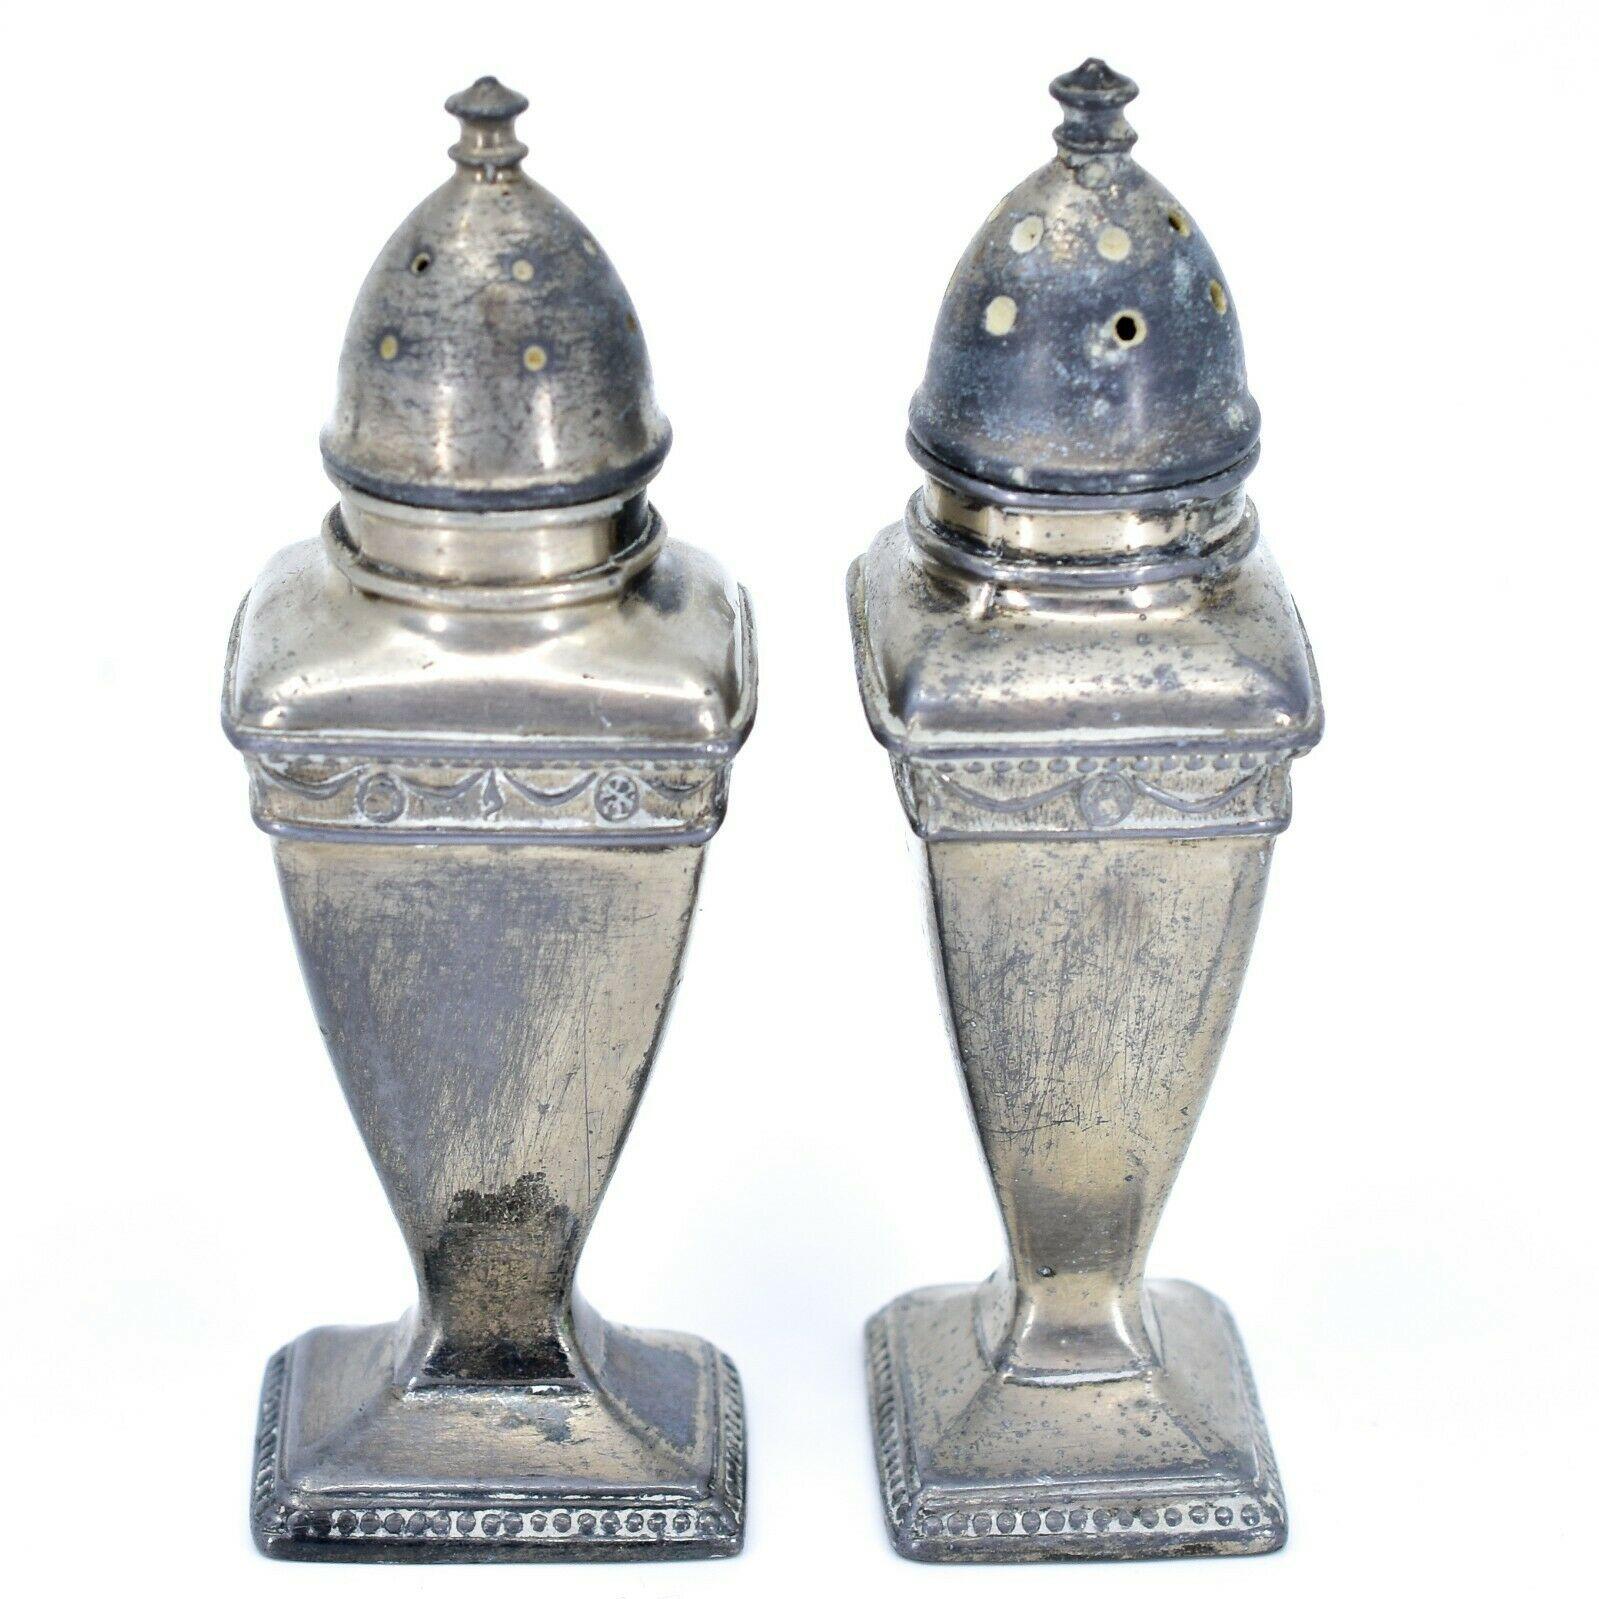 Vintage Silver Salt & Pepper Shaker Set Stamped 1030